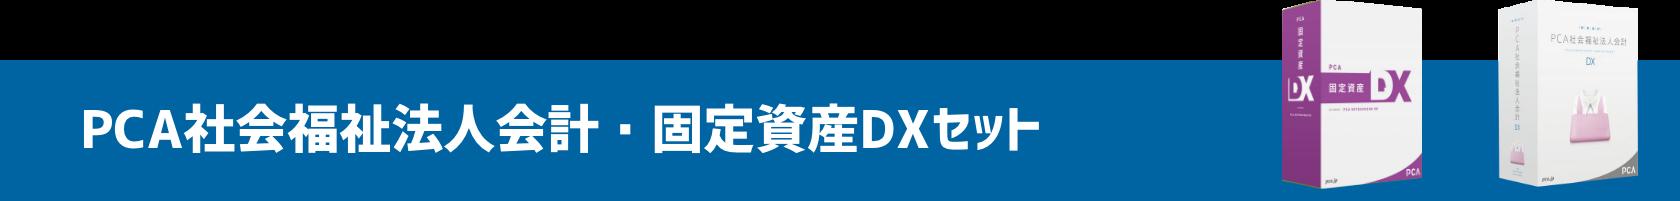 PCA社会福祉法人会計・固定資産DXセット